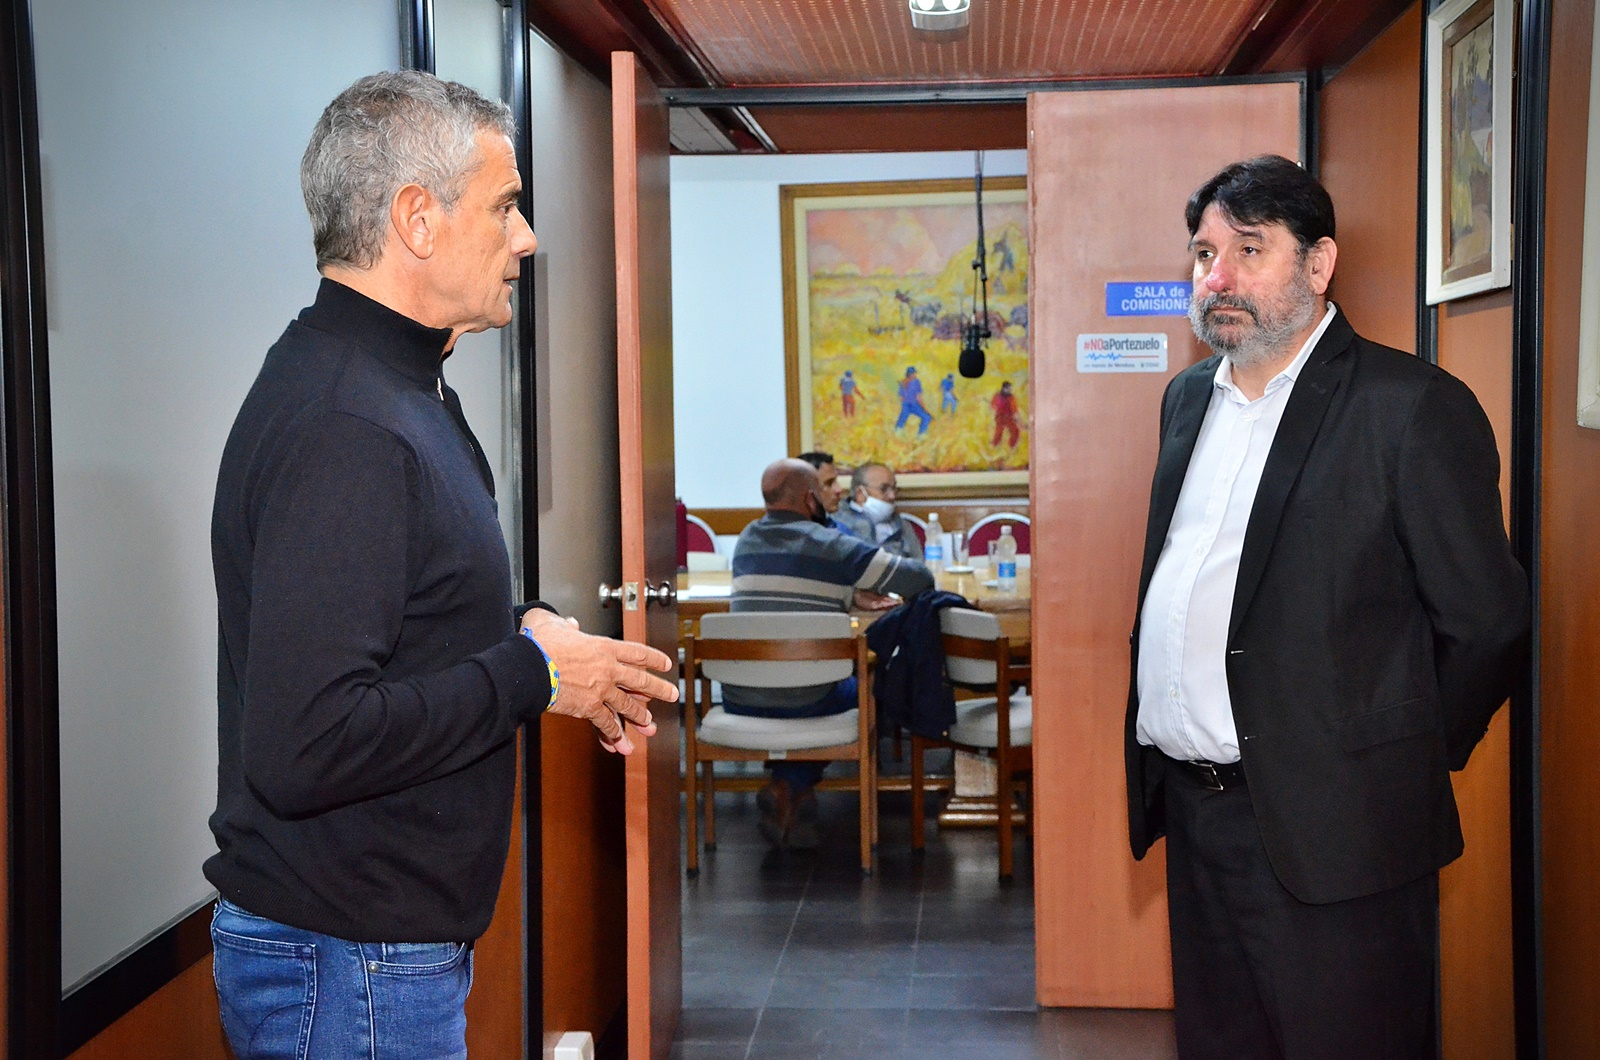 El vicegobernador, Mariano Fernández, destacó la transparencia del gobierno provincial